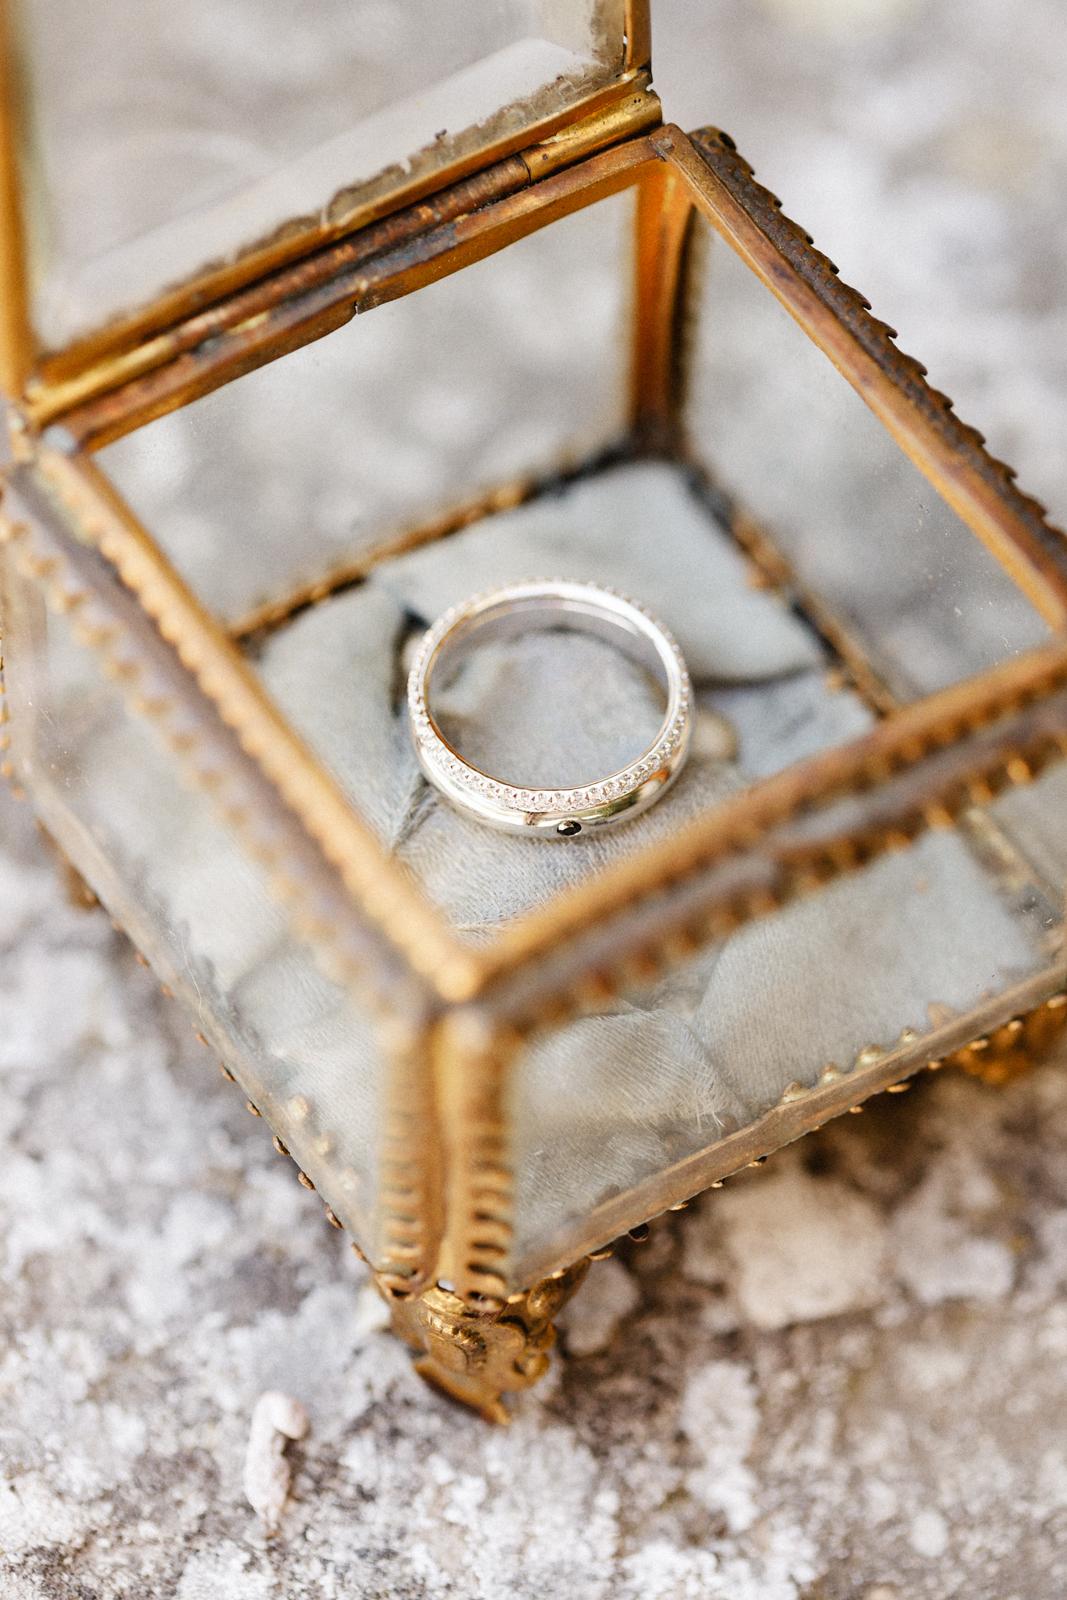 Où Trouver Un Joli Portealliances Pour Son Mariage - Porte alliance mariage